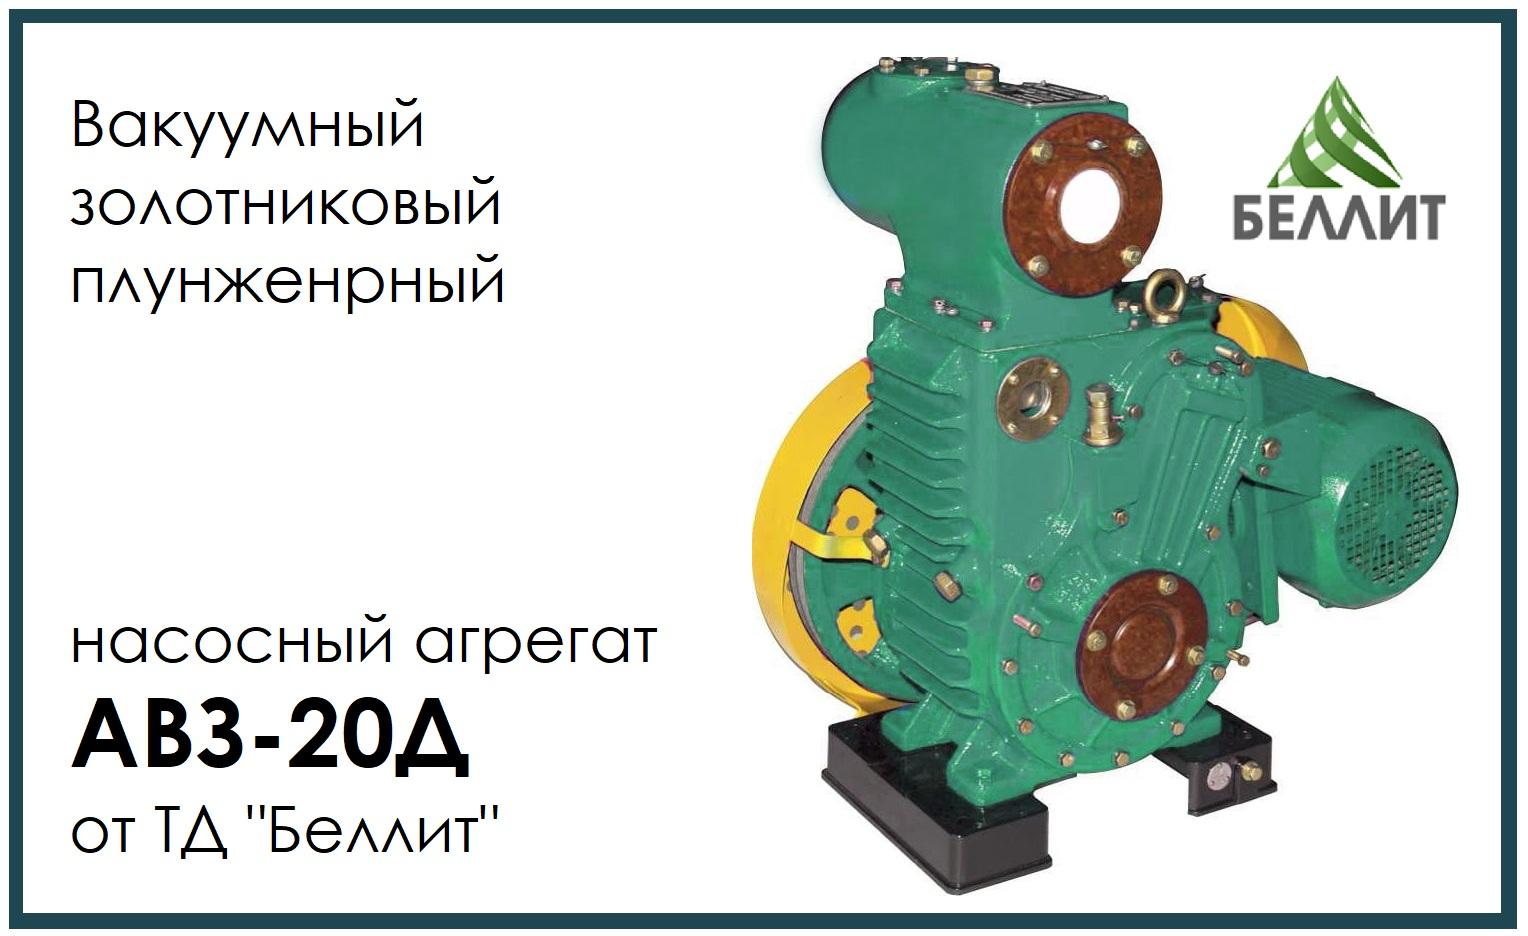 Вакуумный насос АВЗ-20Д золотниковый